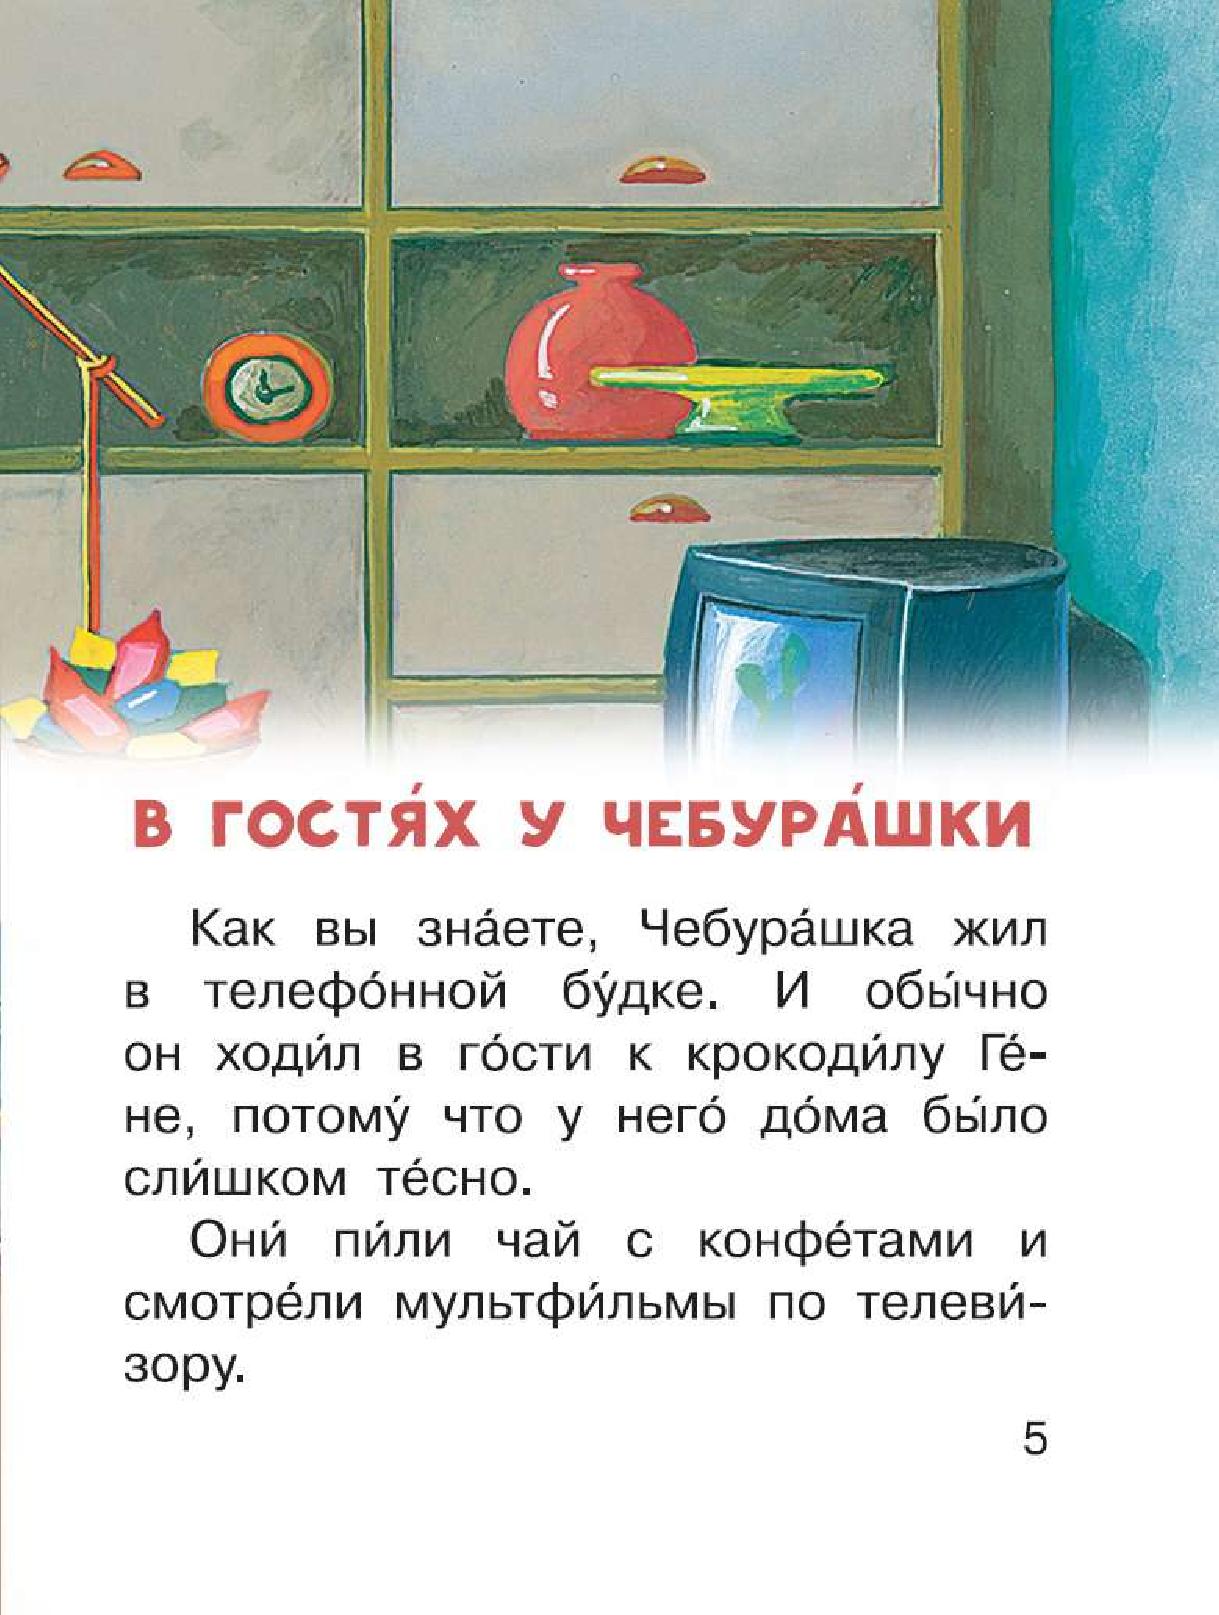 Днем рождения, прикольные картинки про крокодила гену и чебурашку